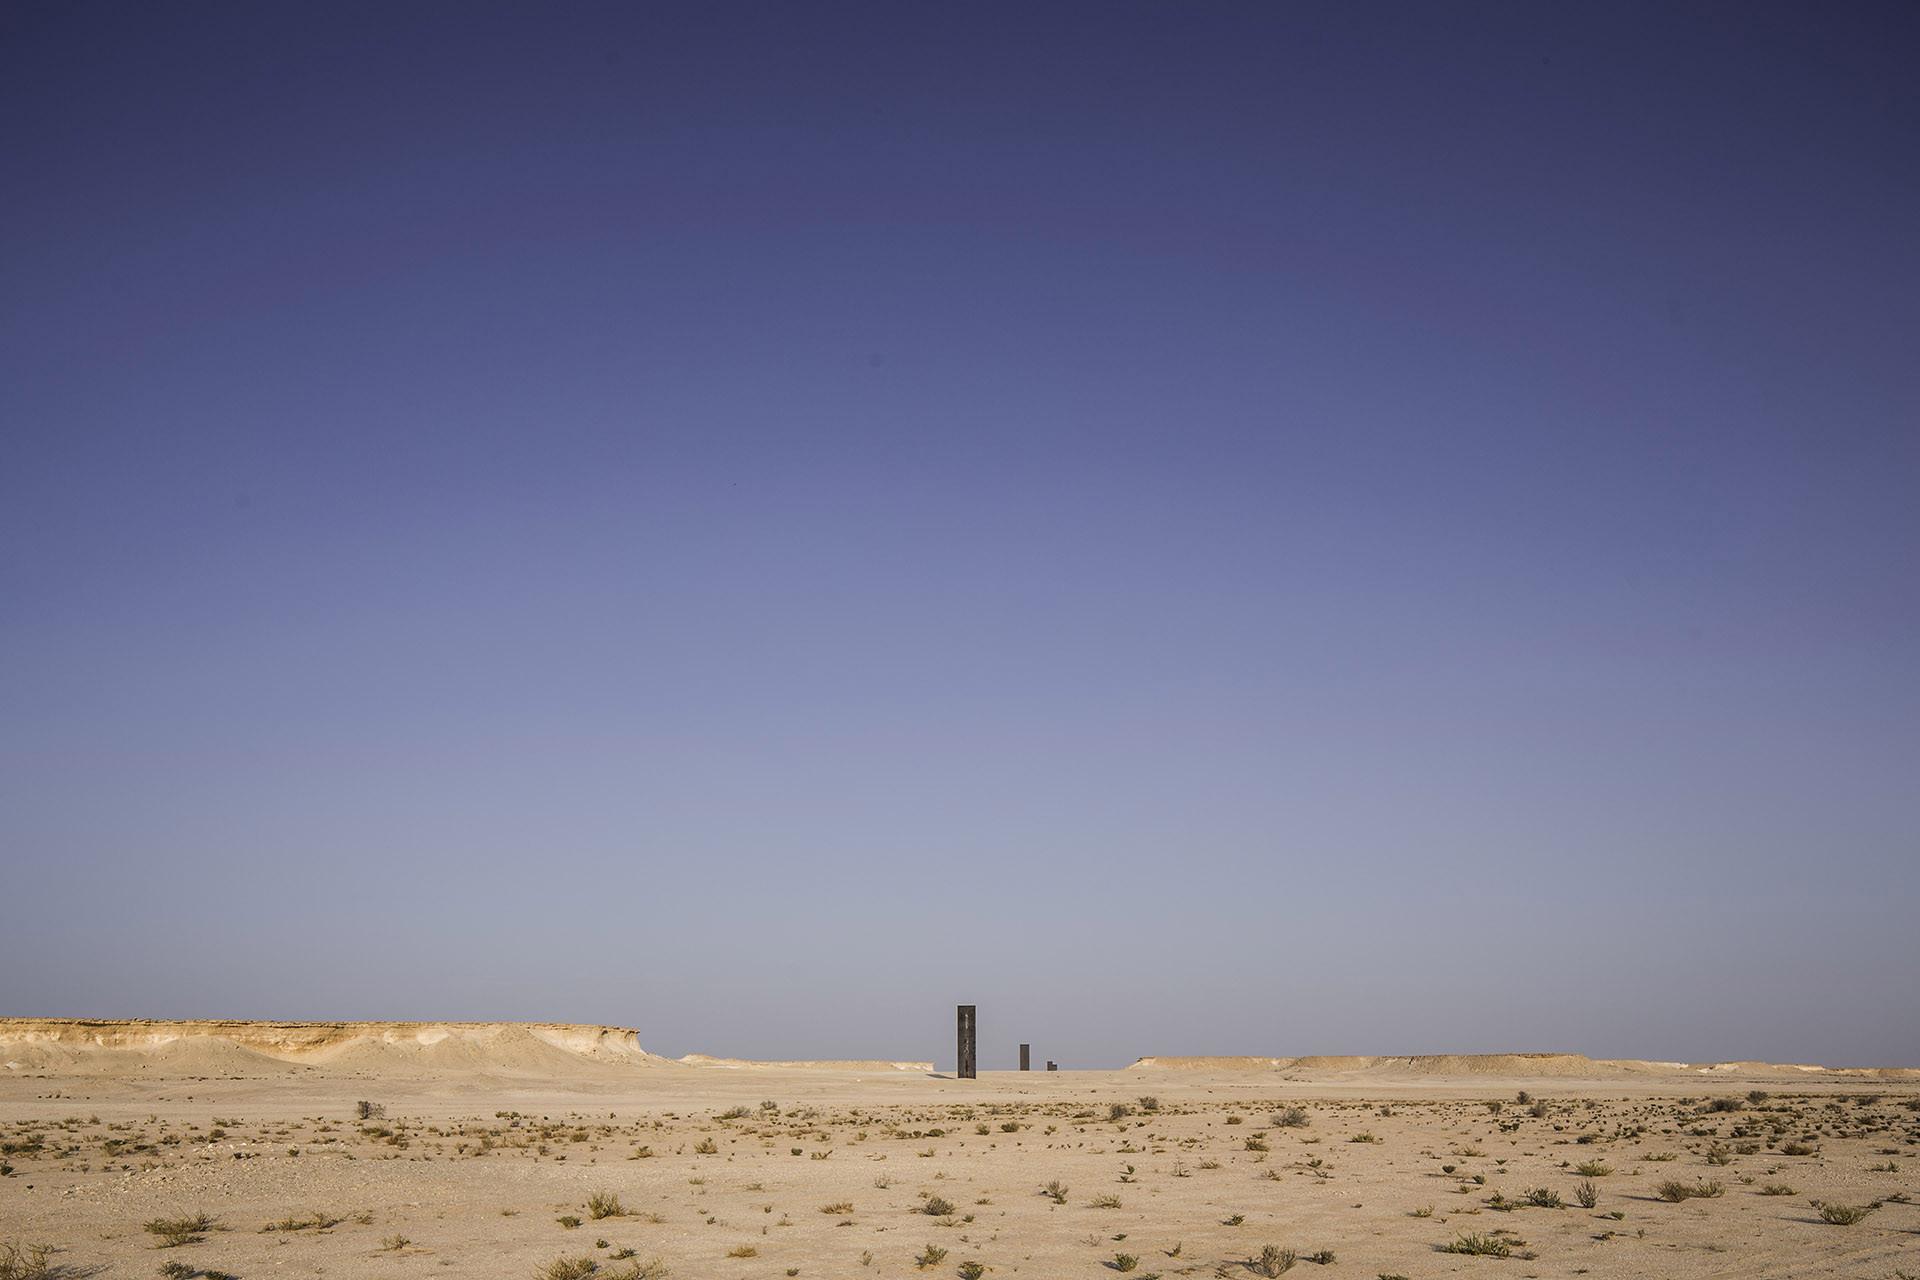 La nueva escultura de Richard Serra, en el desierto de Qatar